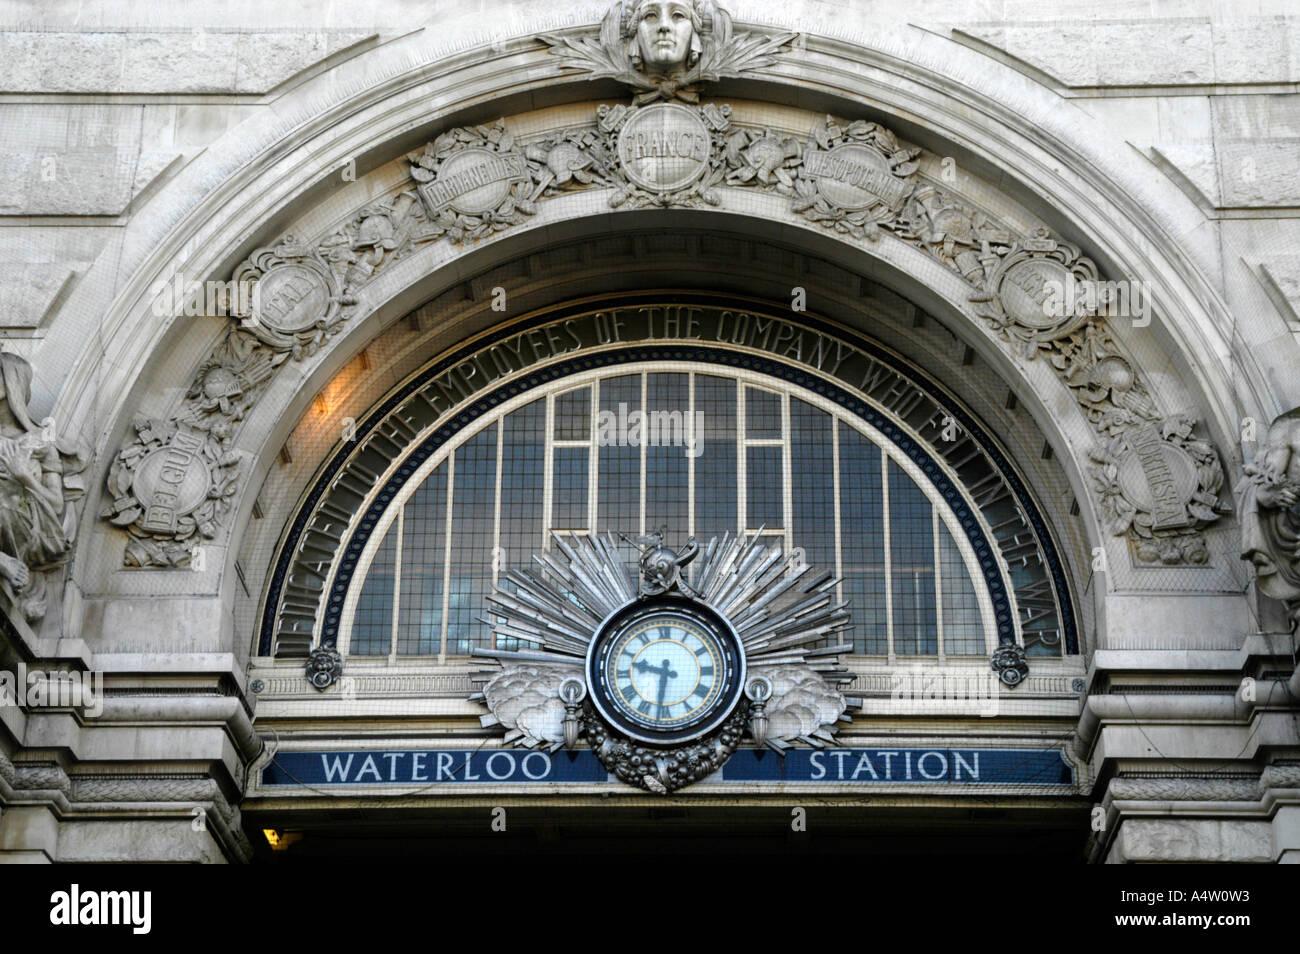 La estación de trenes de Waterloo, Londres, Gran Bretaña. Imagen De Stock